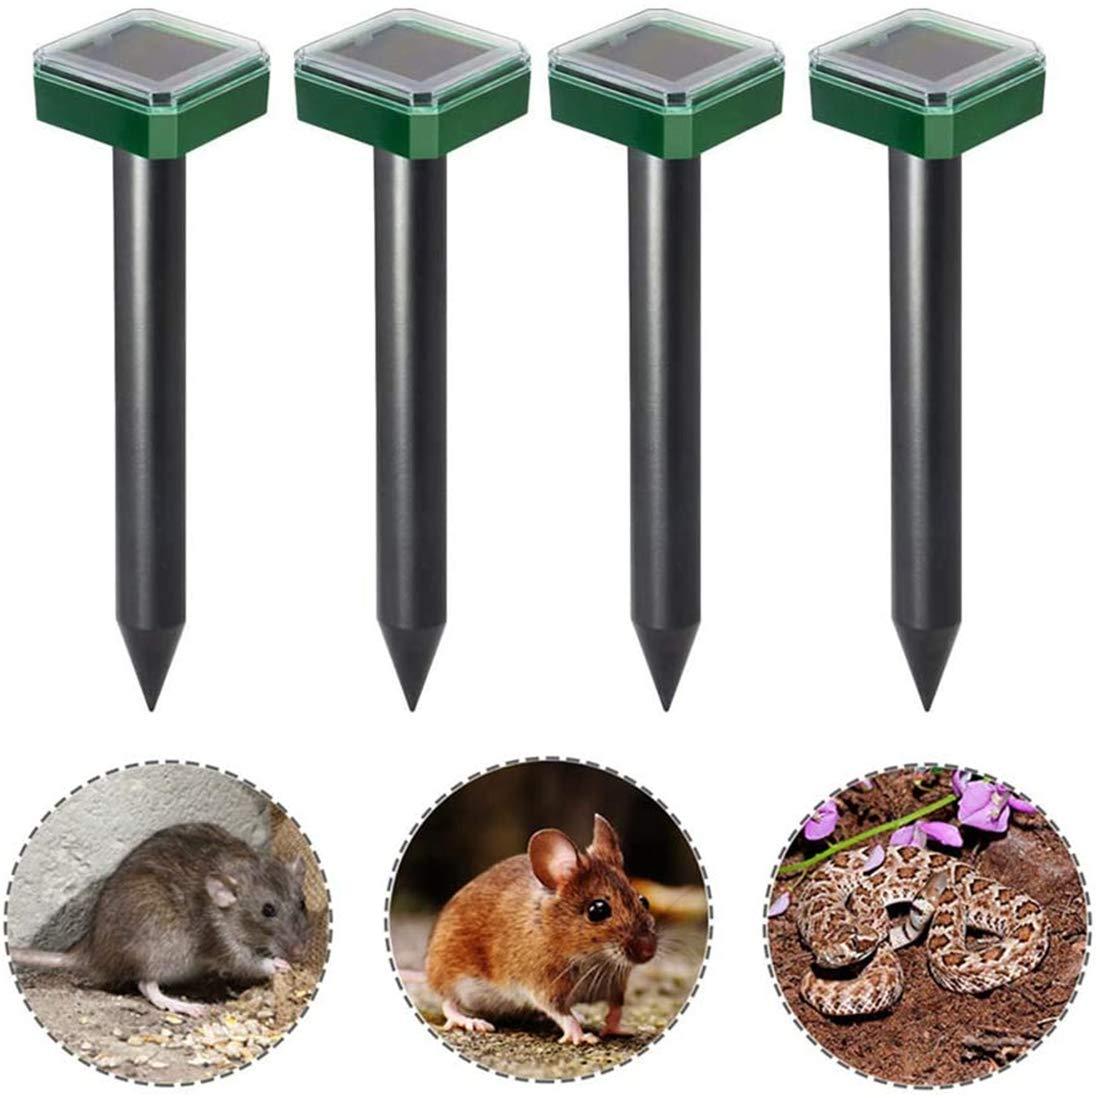 Nuevo repelente solar ultrasónico de topos, repelente de topos, topos, ratones y ratas, control de plagas sónico para roedores, disuasión de topos, control de animales a prueba de agua para jardí